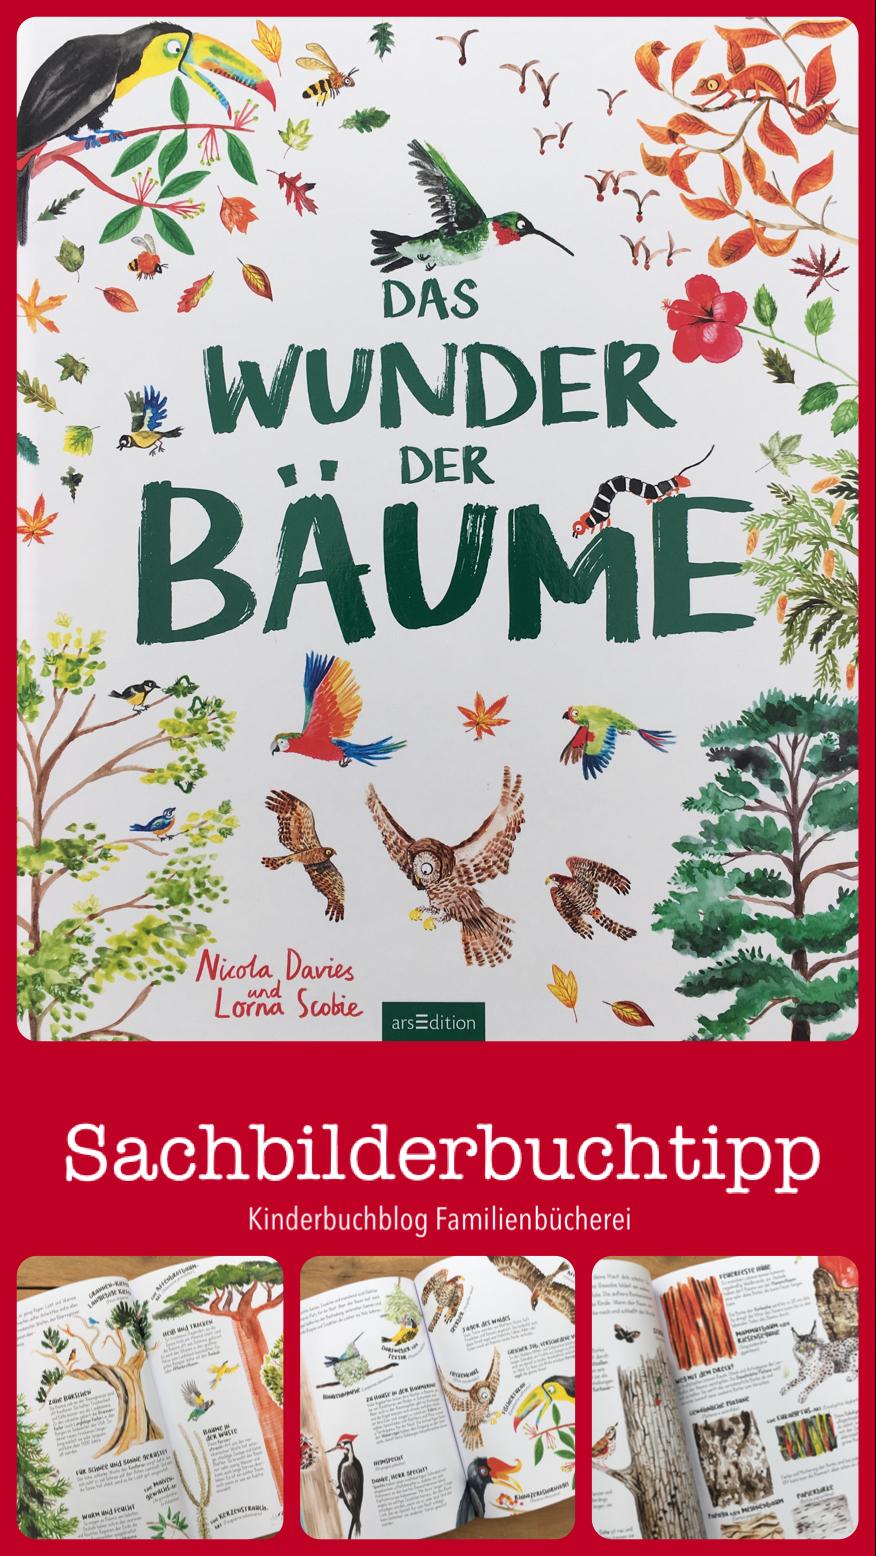 Nicola Davies weckt in uns die Faszination für Bäume. Sie zeigt uns die Vielfalt und Wunder und wie wichtig, die Bäume für uns Menschen und Tiere sind. Sie beeinflussen das Wetter, das Klima, filtern Gifte aus der Luft und geben uns Sauerstoff zum Atmen. Das sind nun einige Dinge, die Bäume für uns tun. Auf meinem Kinderbuchblog Familienbücherei stelle ich dir das wunderschöne Kindersachbuch näher vor. #Bäume #Klima #Vielfalt #Kinderbücher #Kinderbuch #Bilderbuch #Grundschule #ab7Jahren